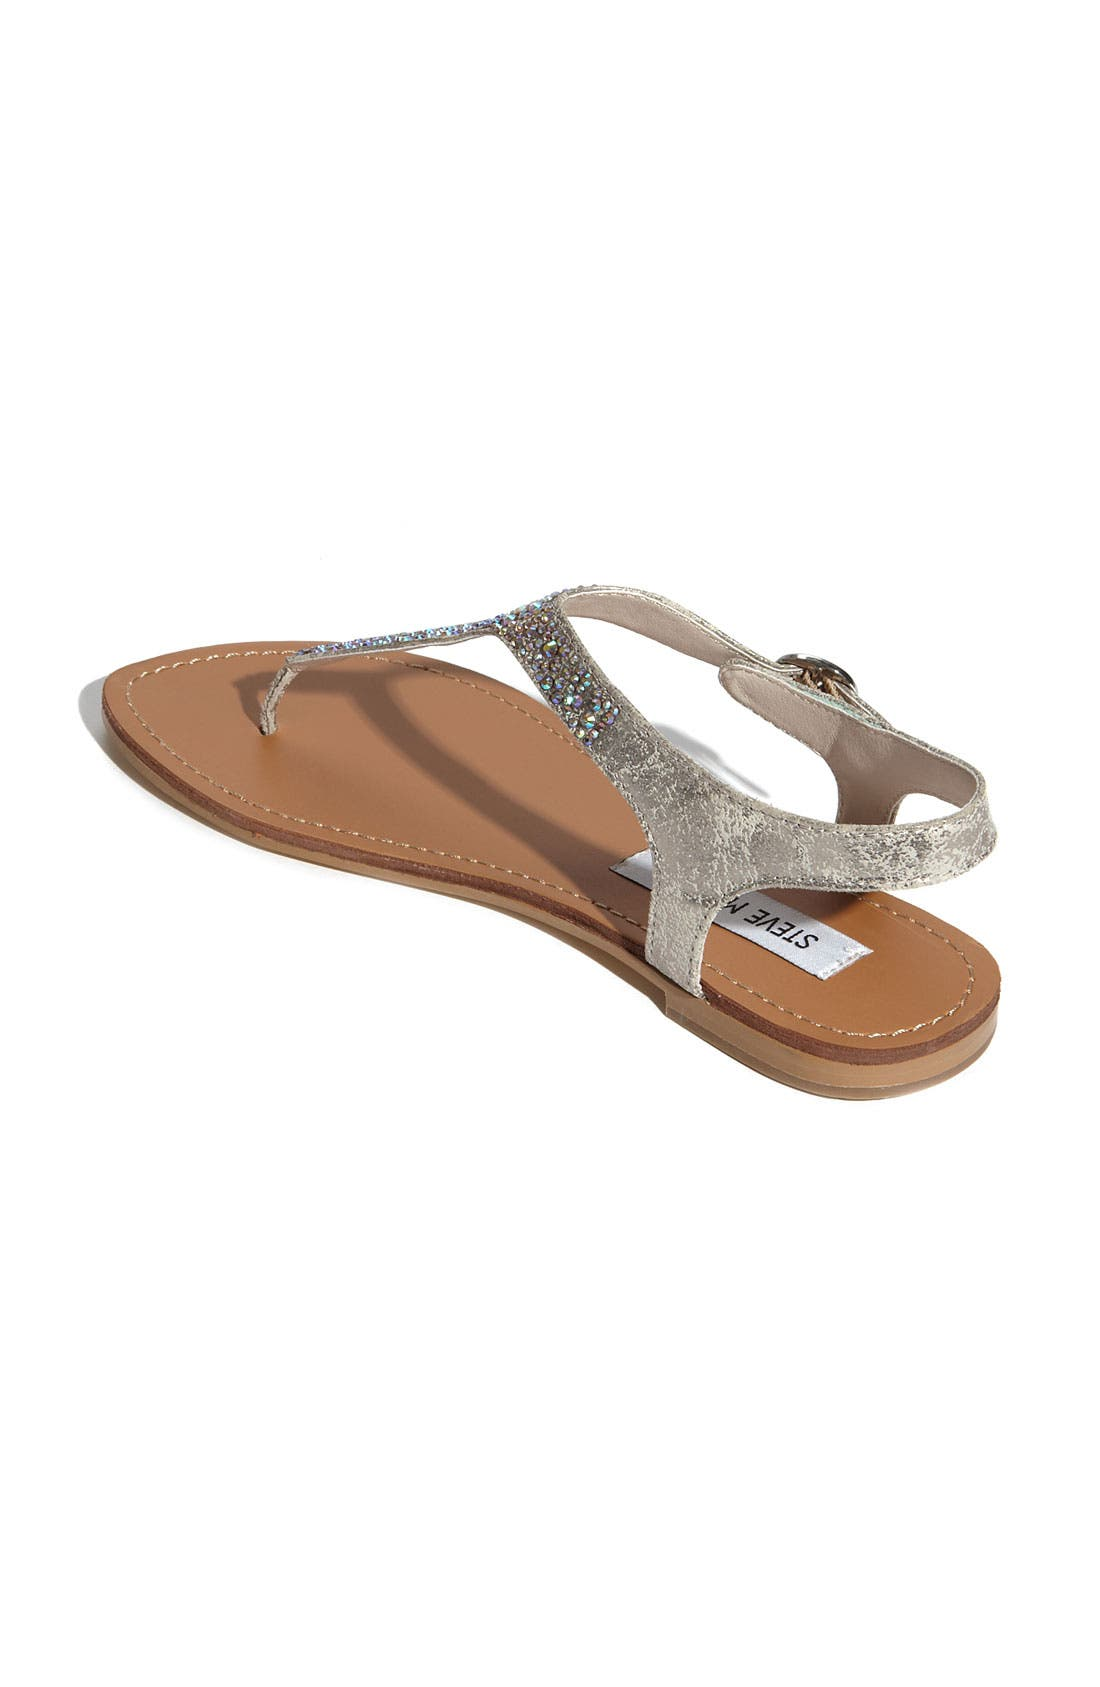 Alternate Image 2  - Steve Madden 'Beaminng' Sandal